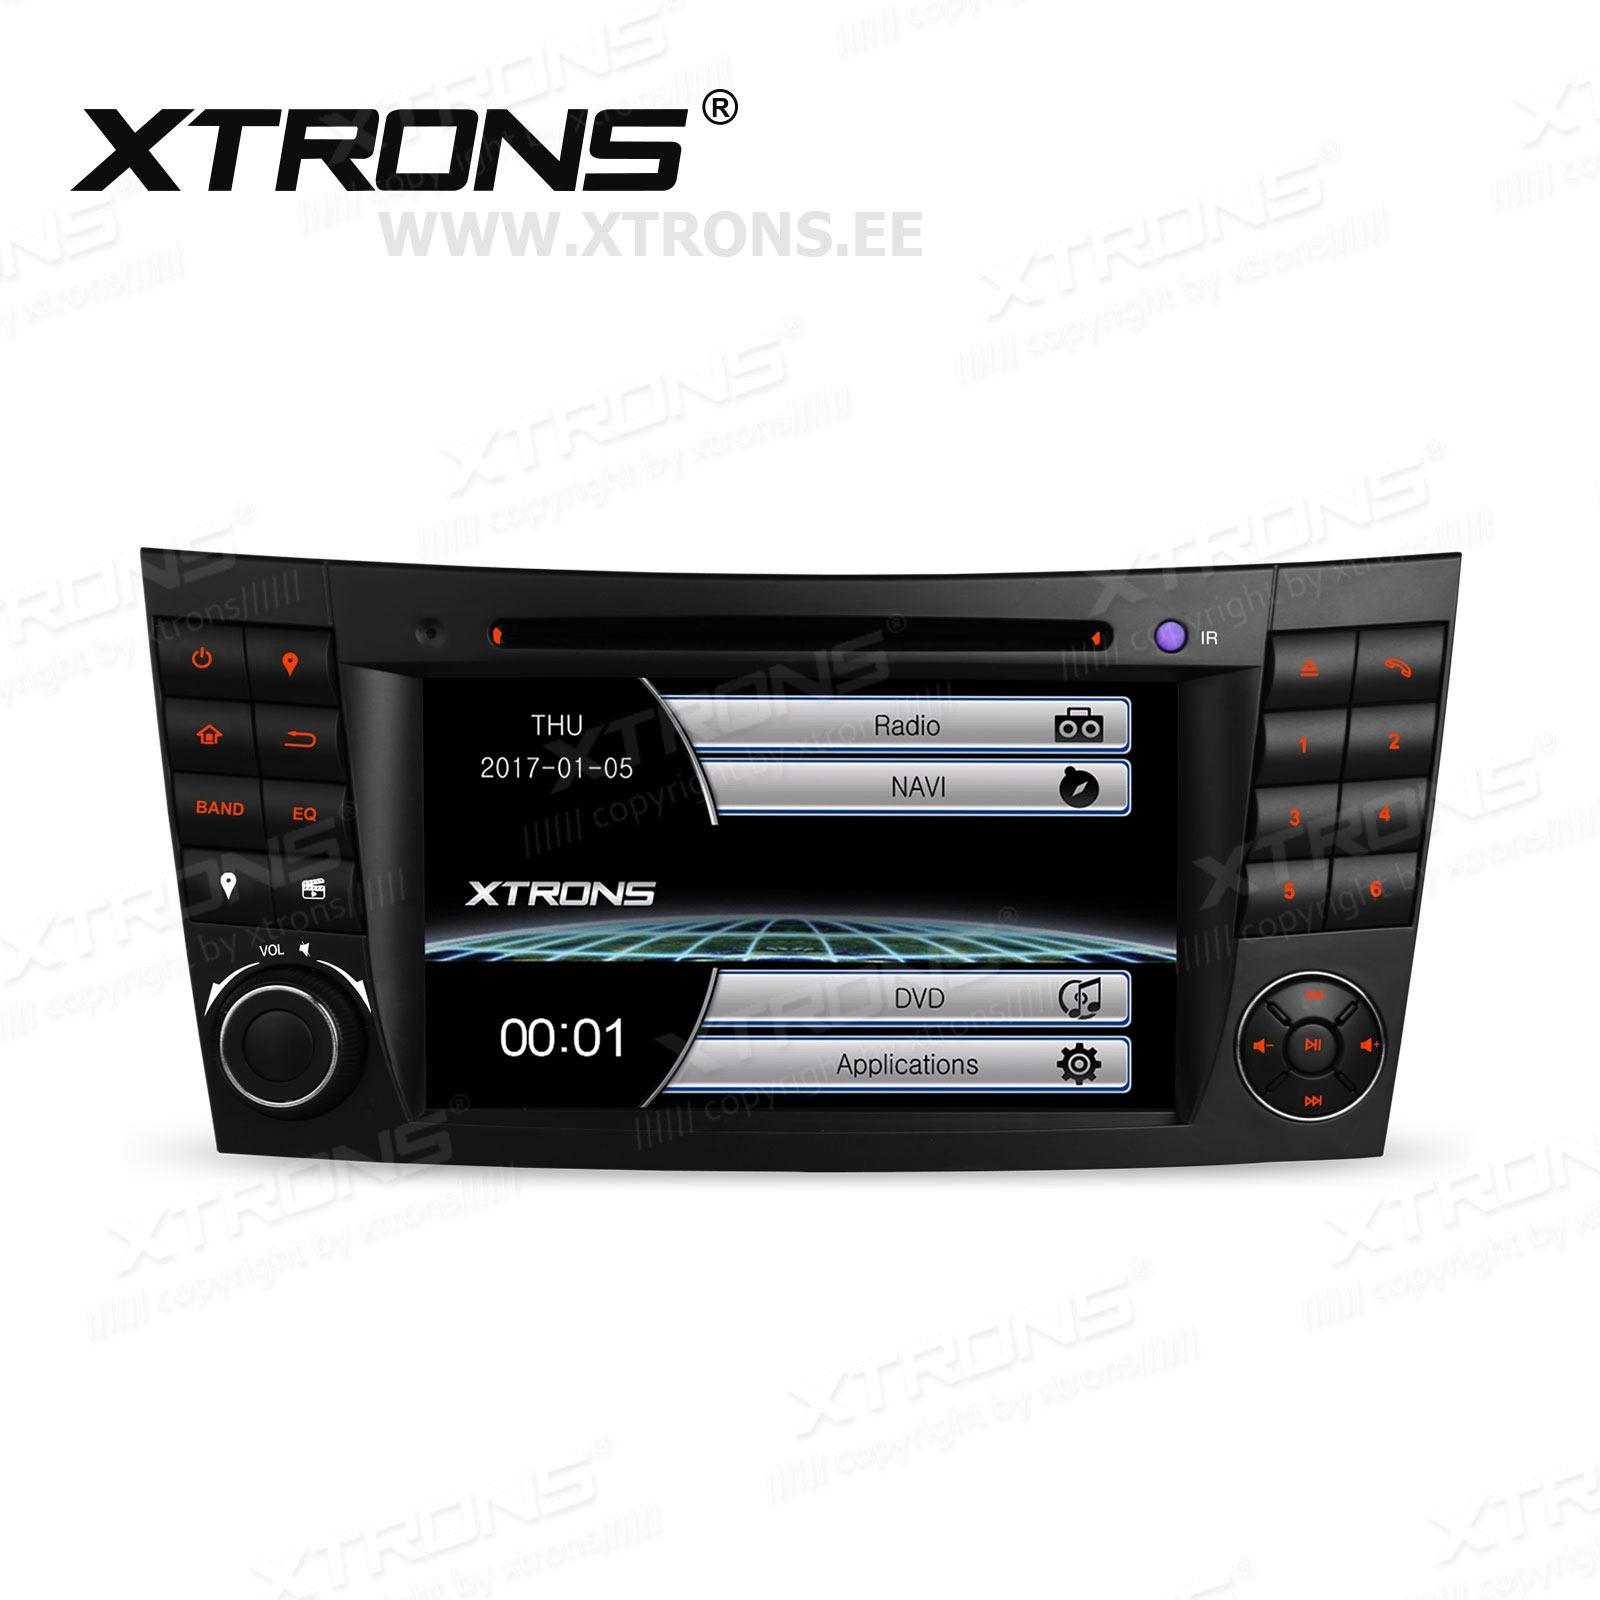 XTRONS PF7M211S